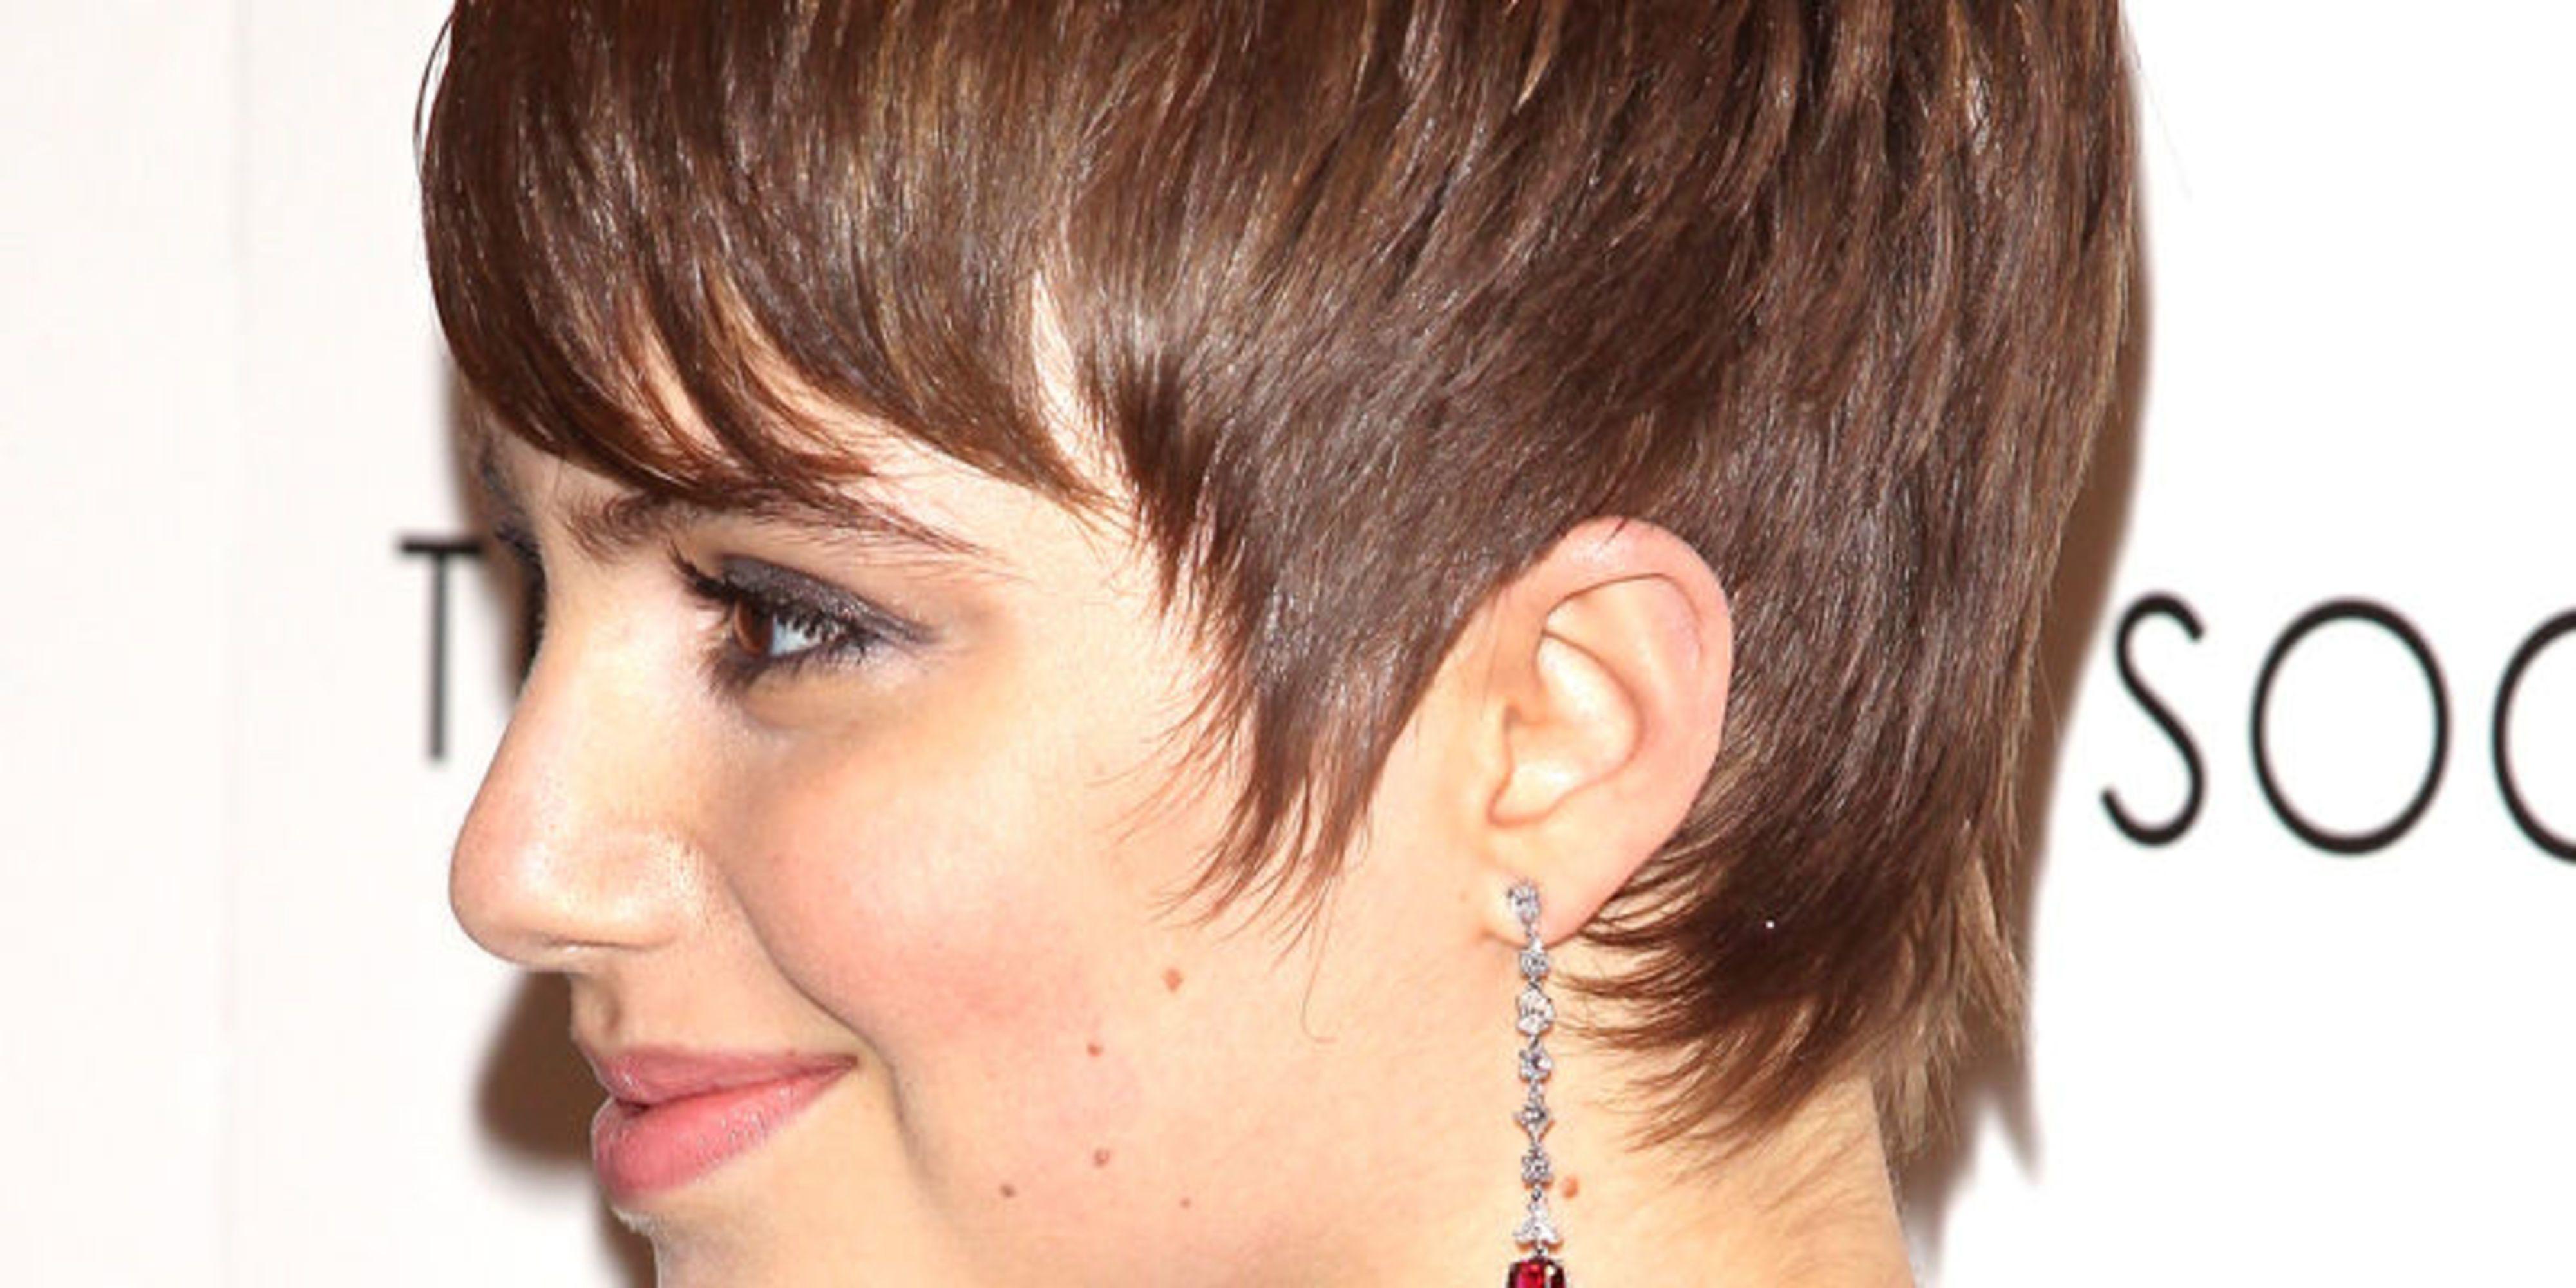 Taglio capelli corto consigli pratici